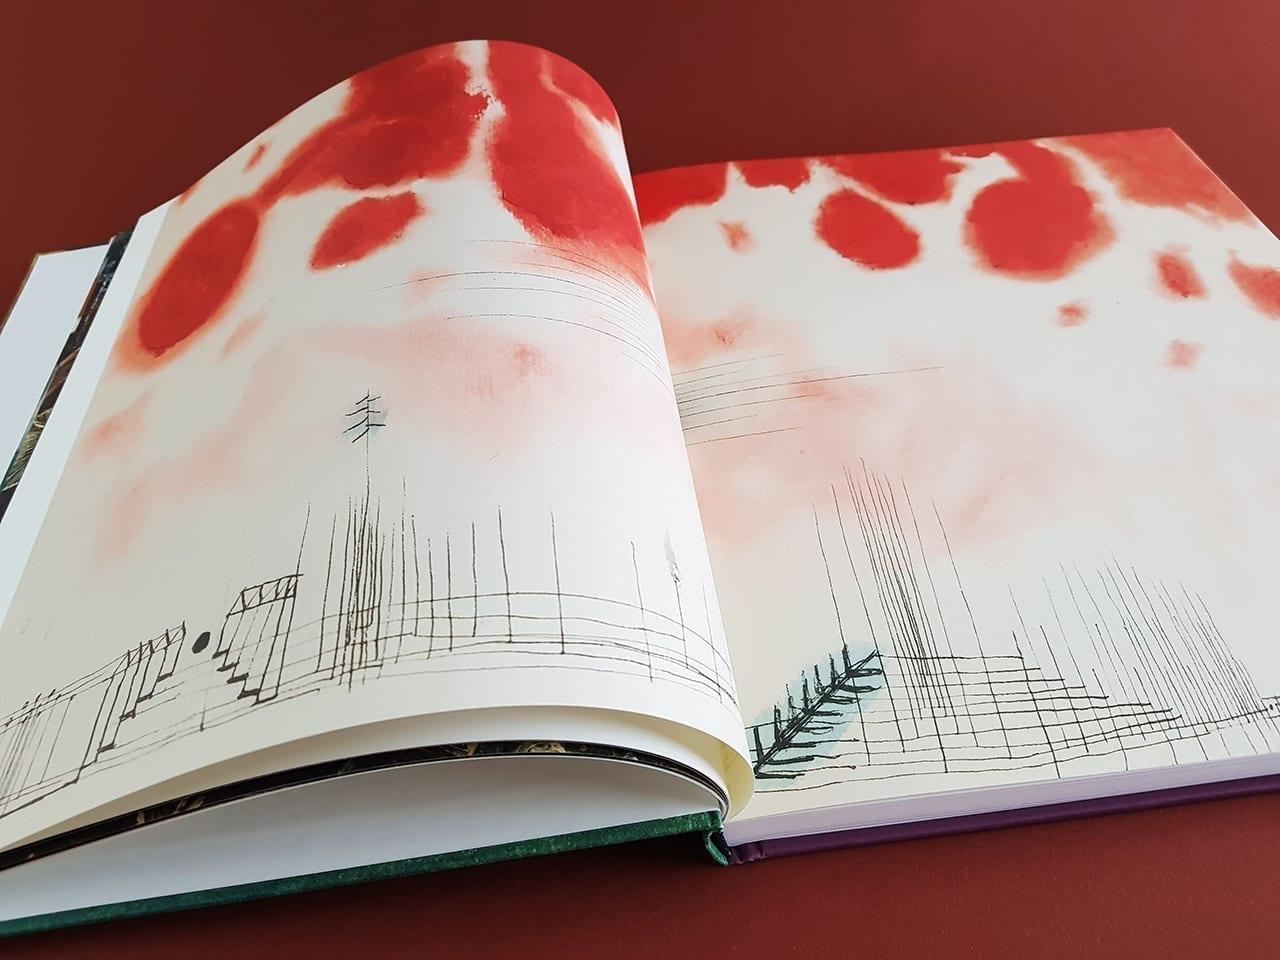 augeschlagenes Buch mit einer Arbeit von Paul Klee